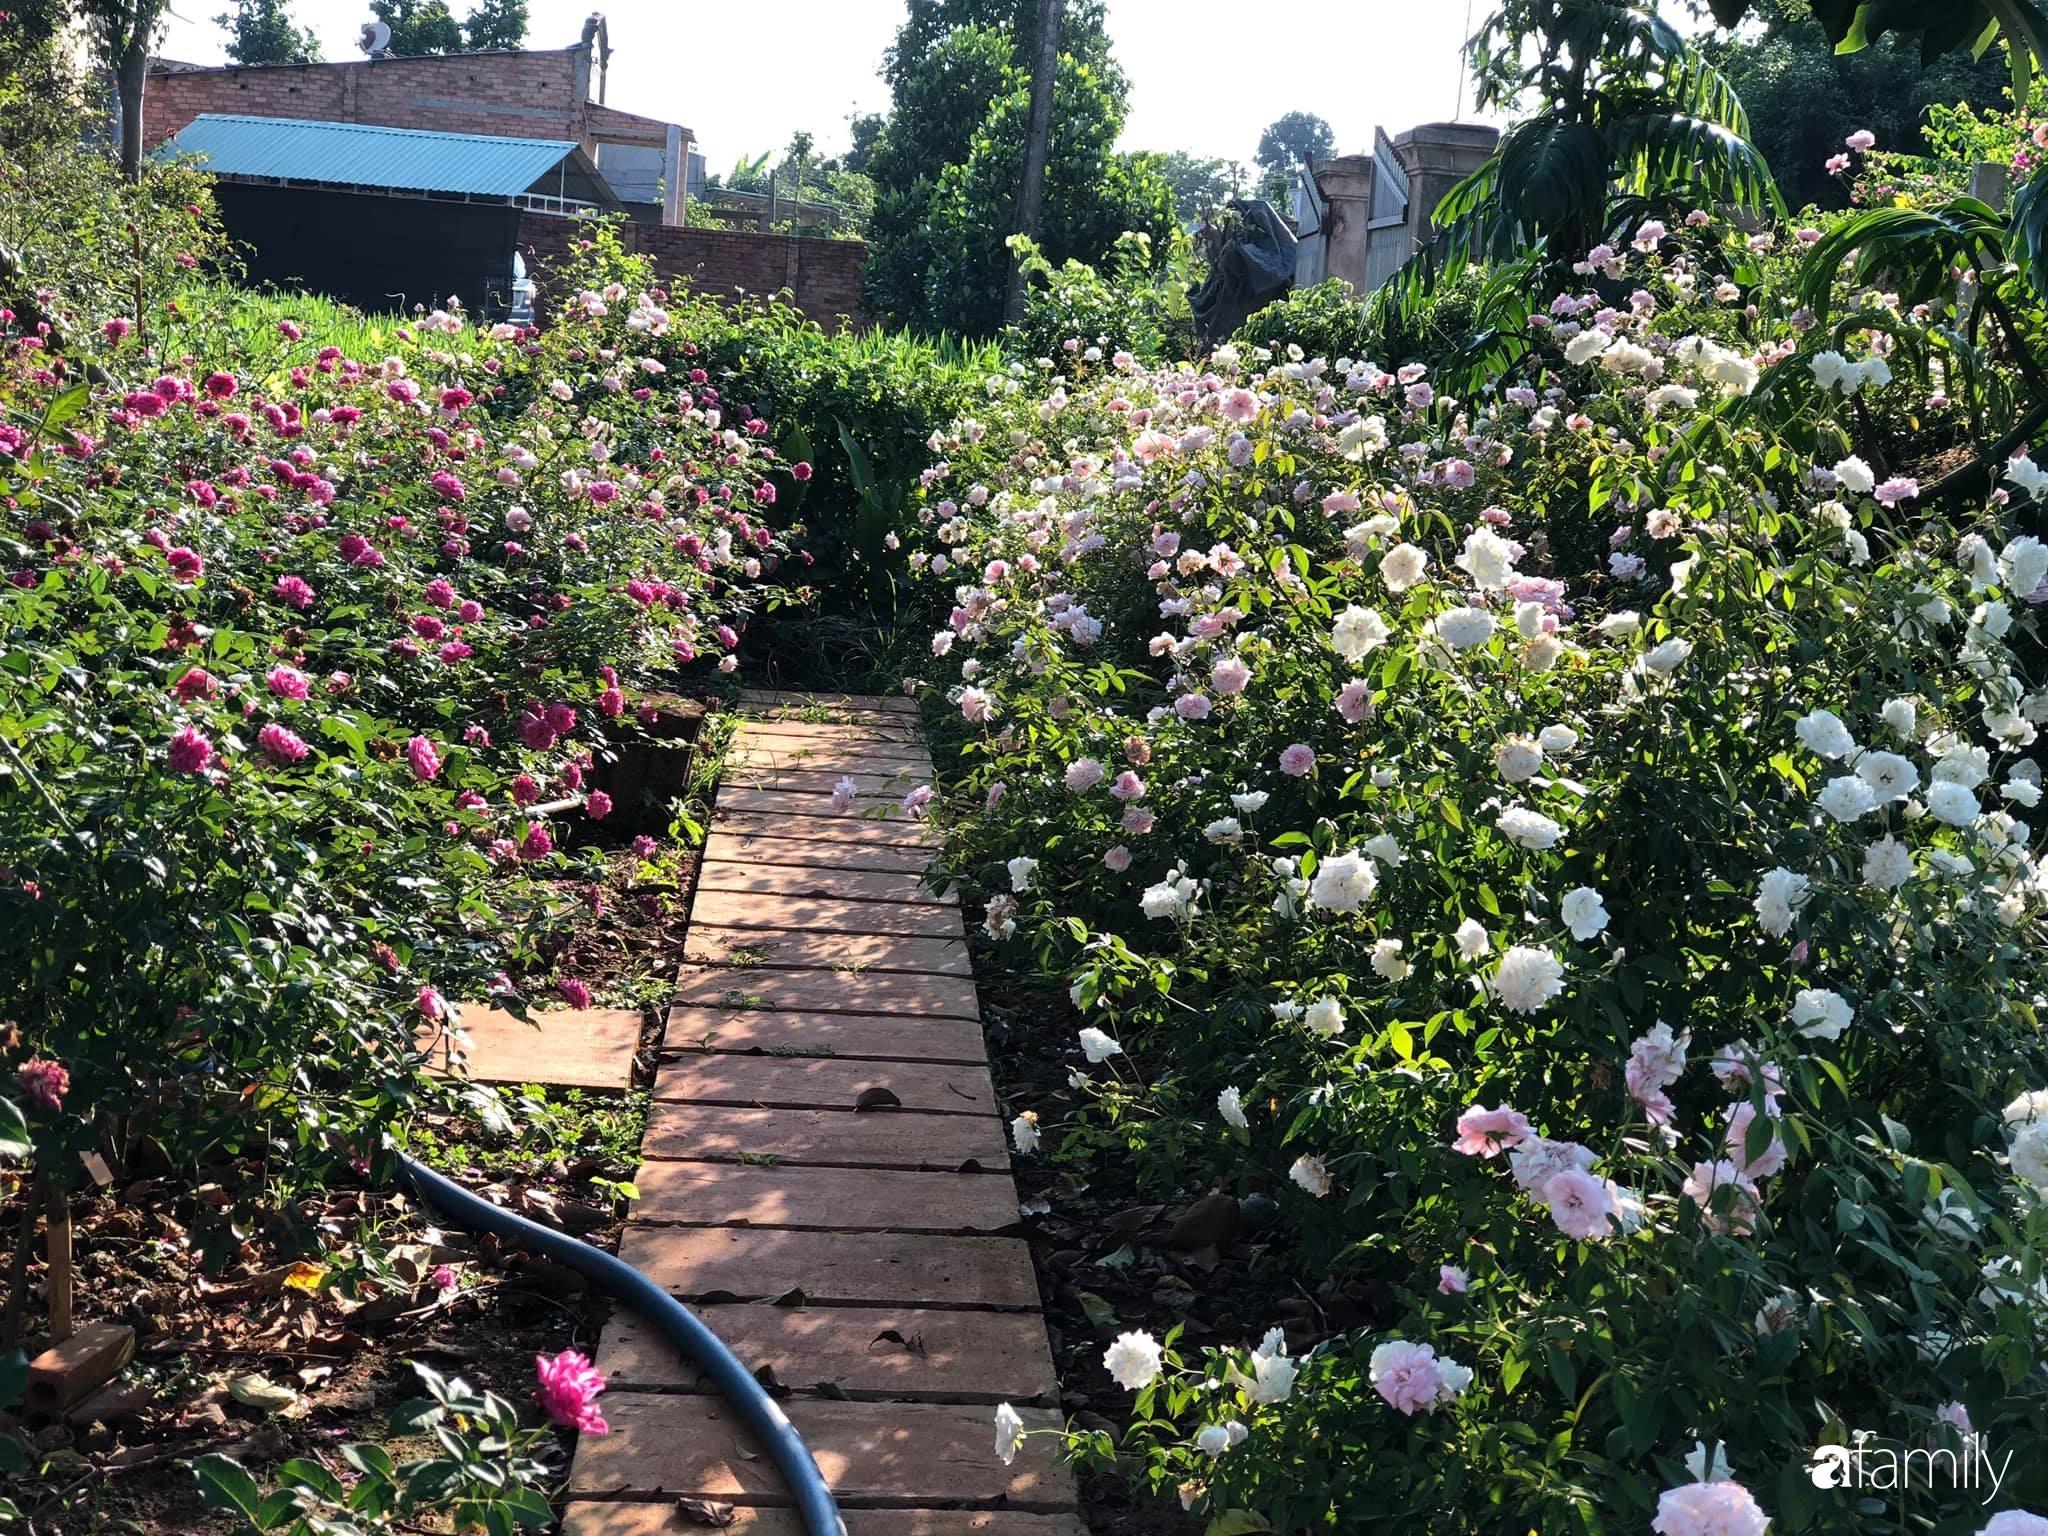 Khu vườn hoa hồng đẹp như cổ tích mà người chồng ngày đêm chăm sóc để tặng vợ con ở Vũng Tàu-4